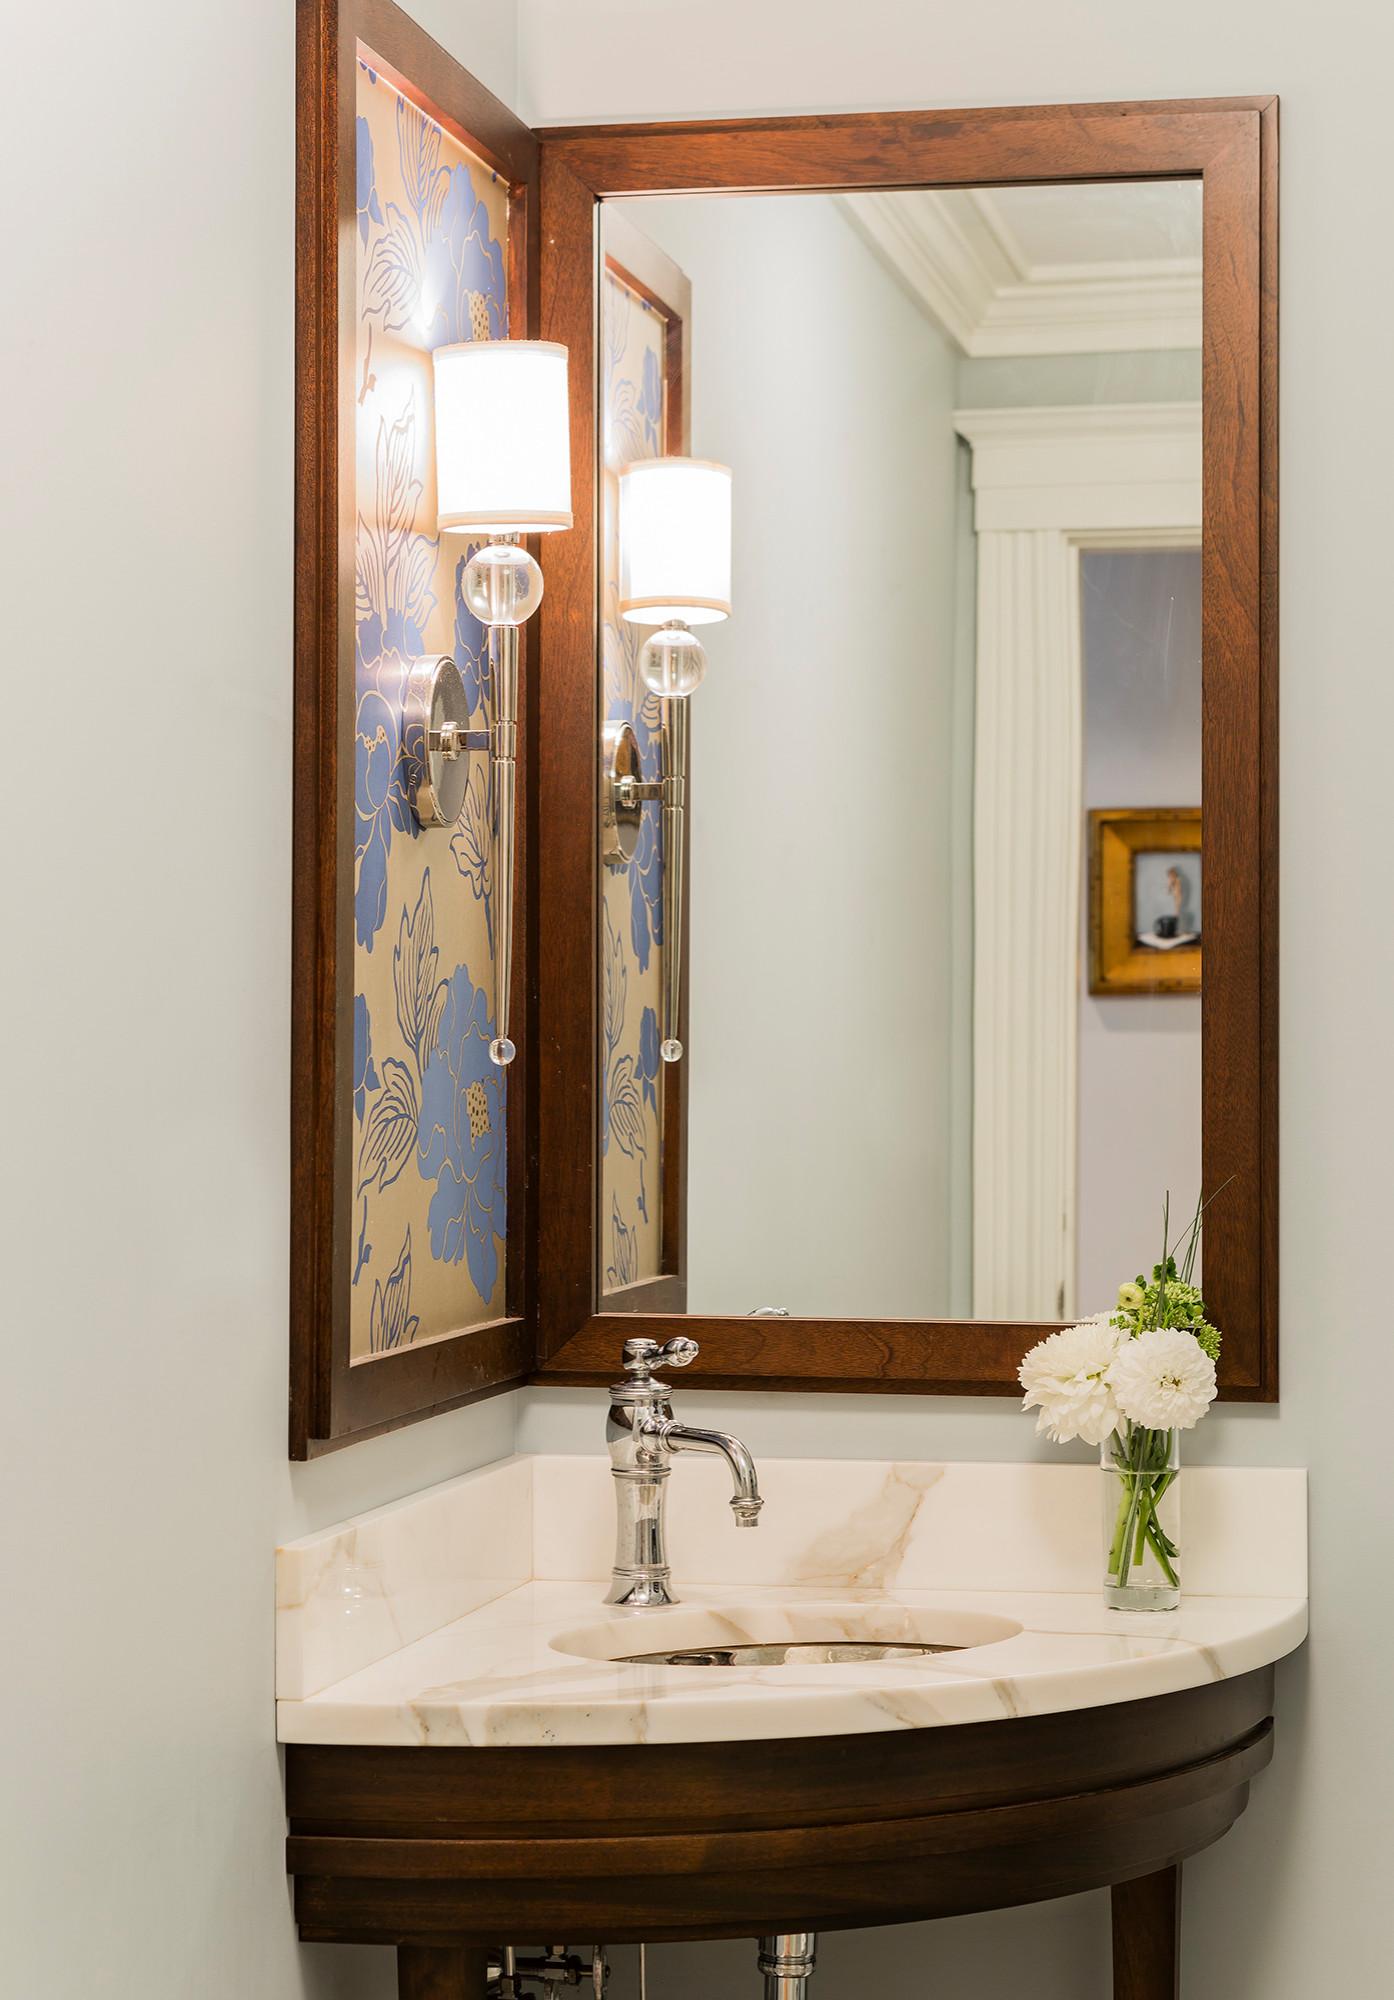 Corner Sink And Mirror Ideas Photos Houzz